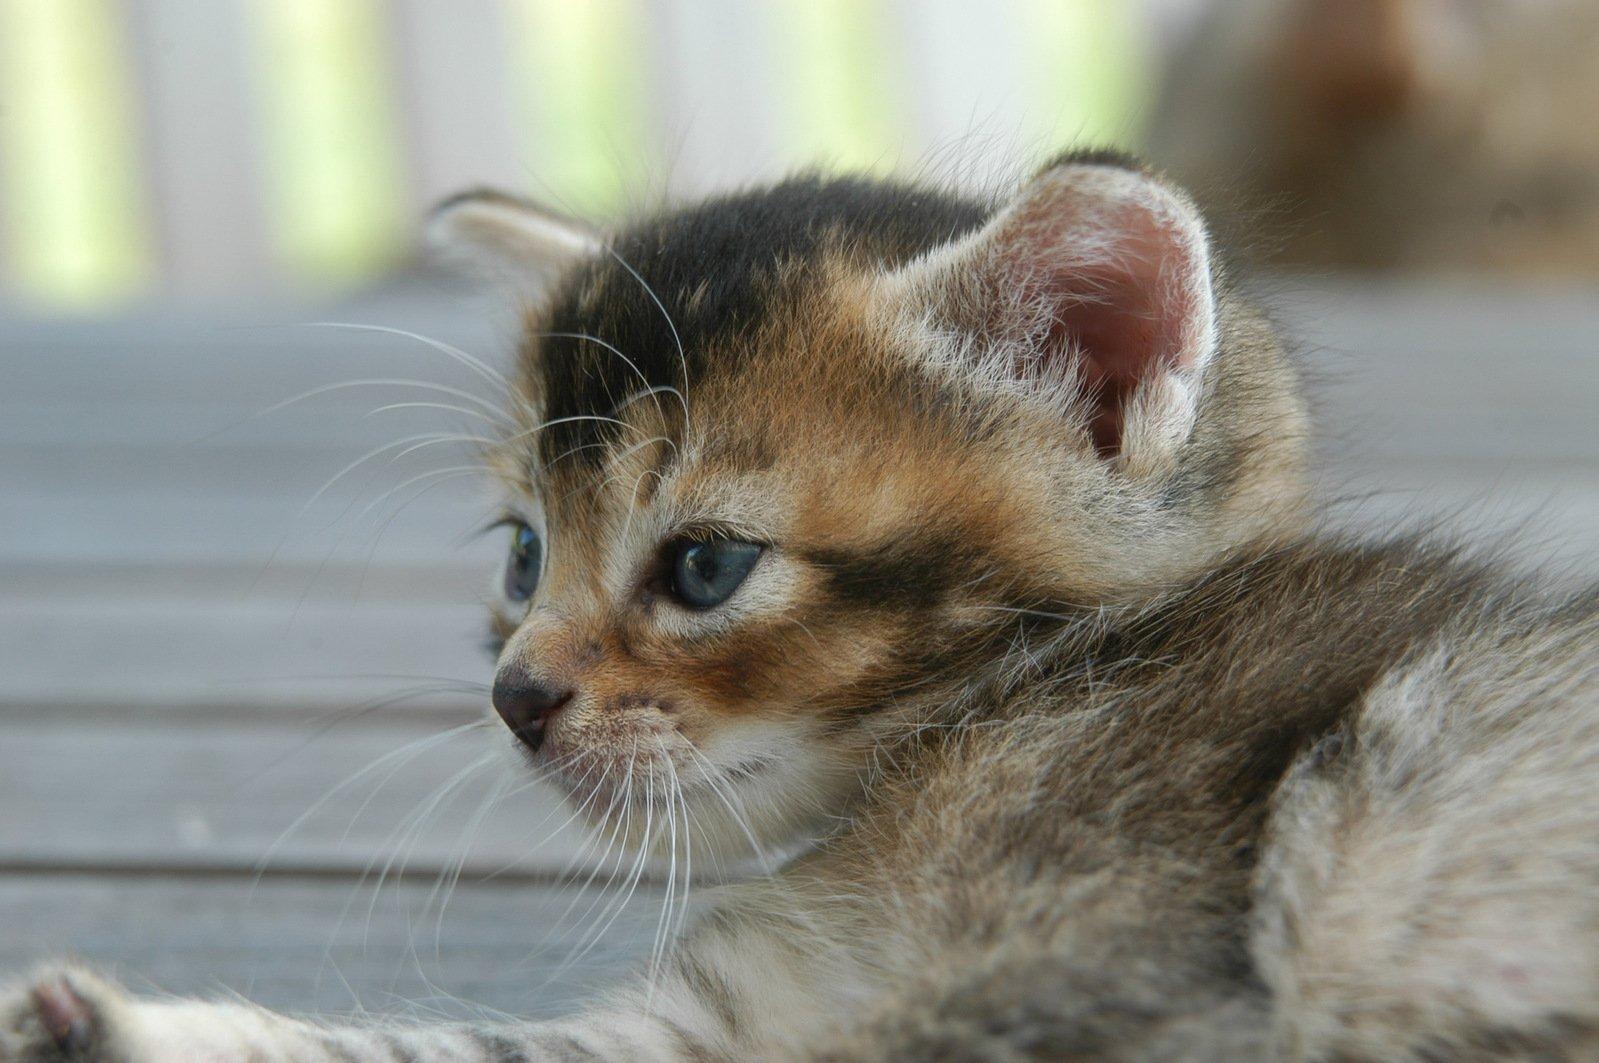 池袋の猫カフェで至福の時間!おすすめ店や気になる料金も紹介!